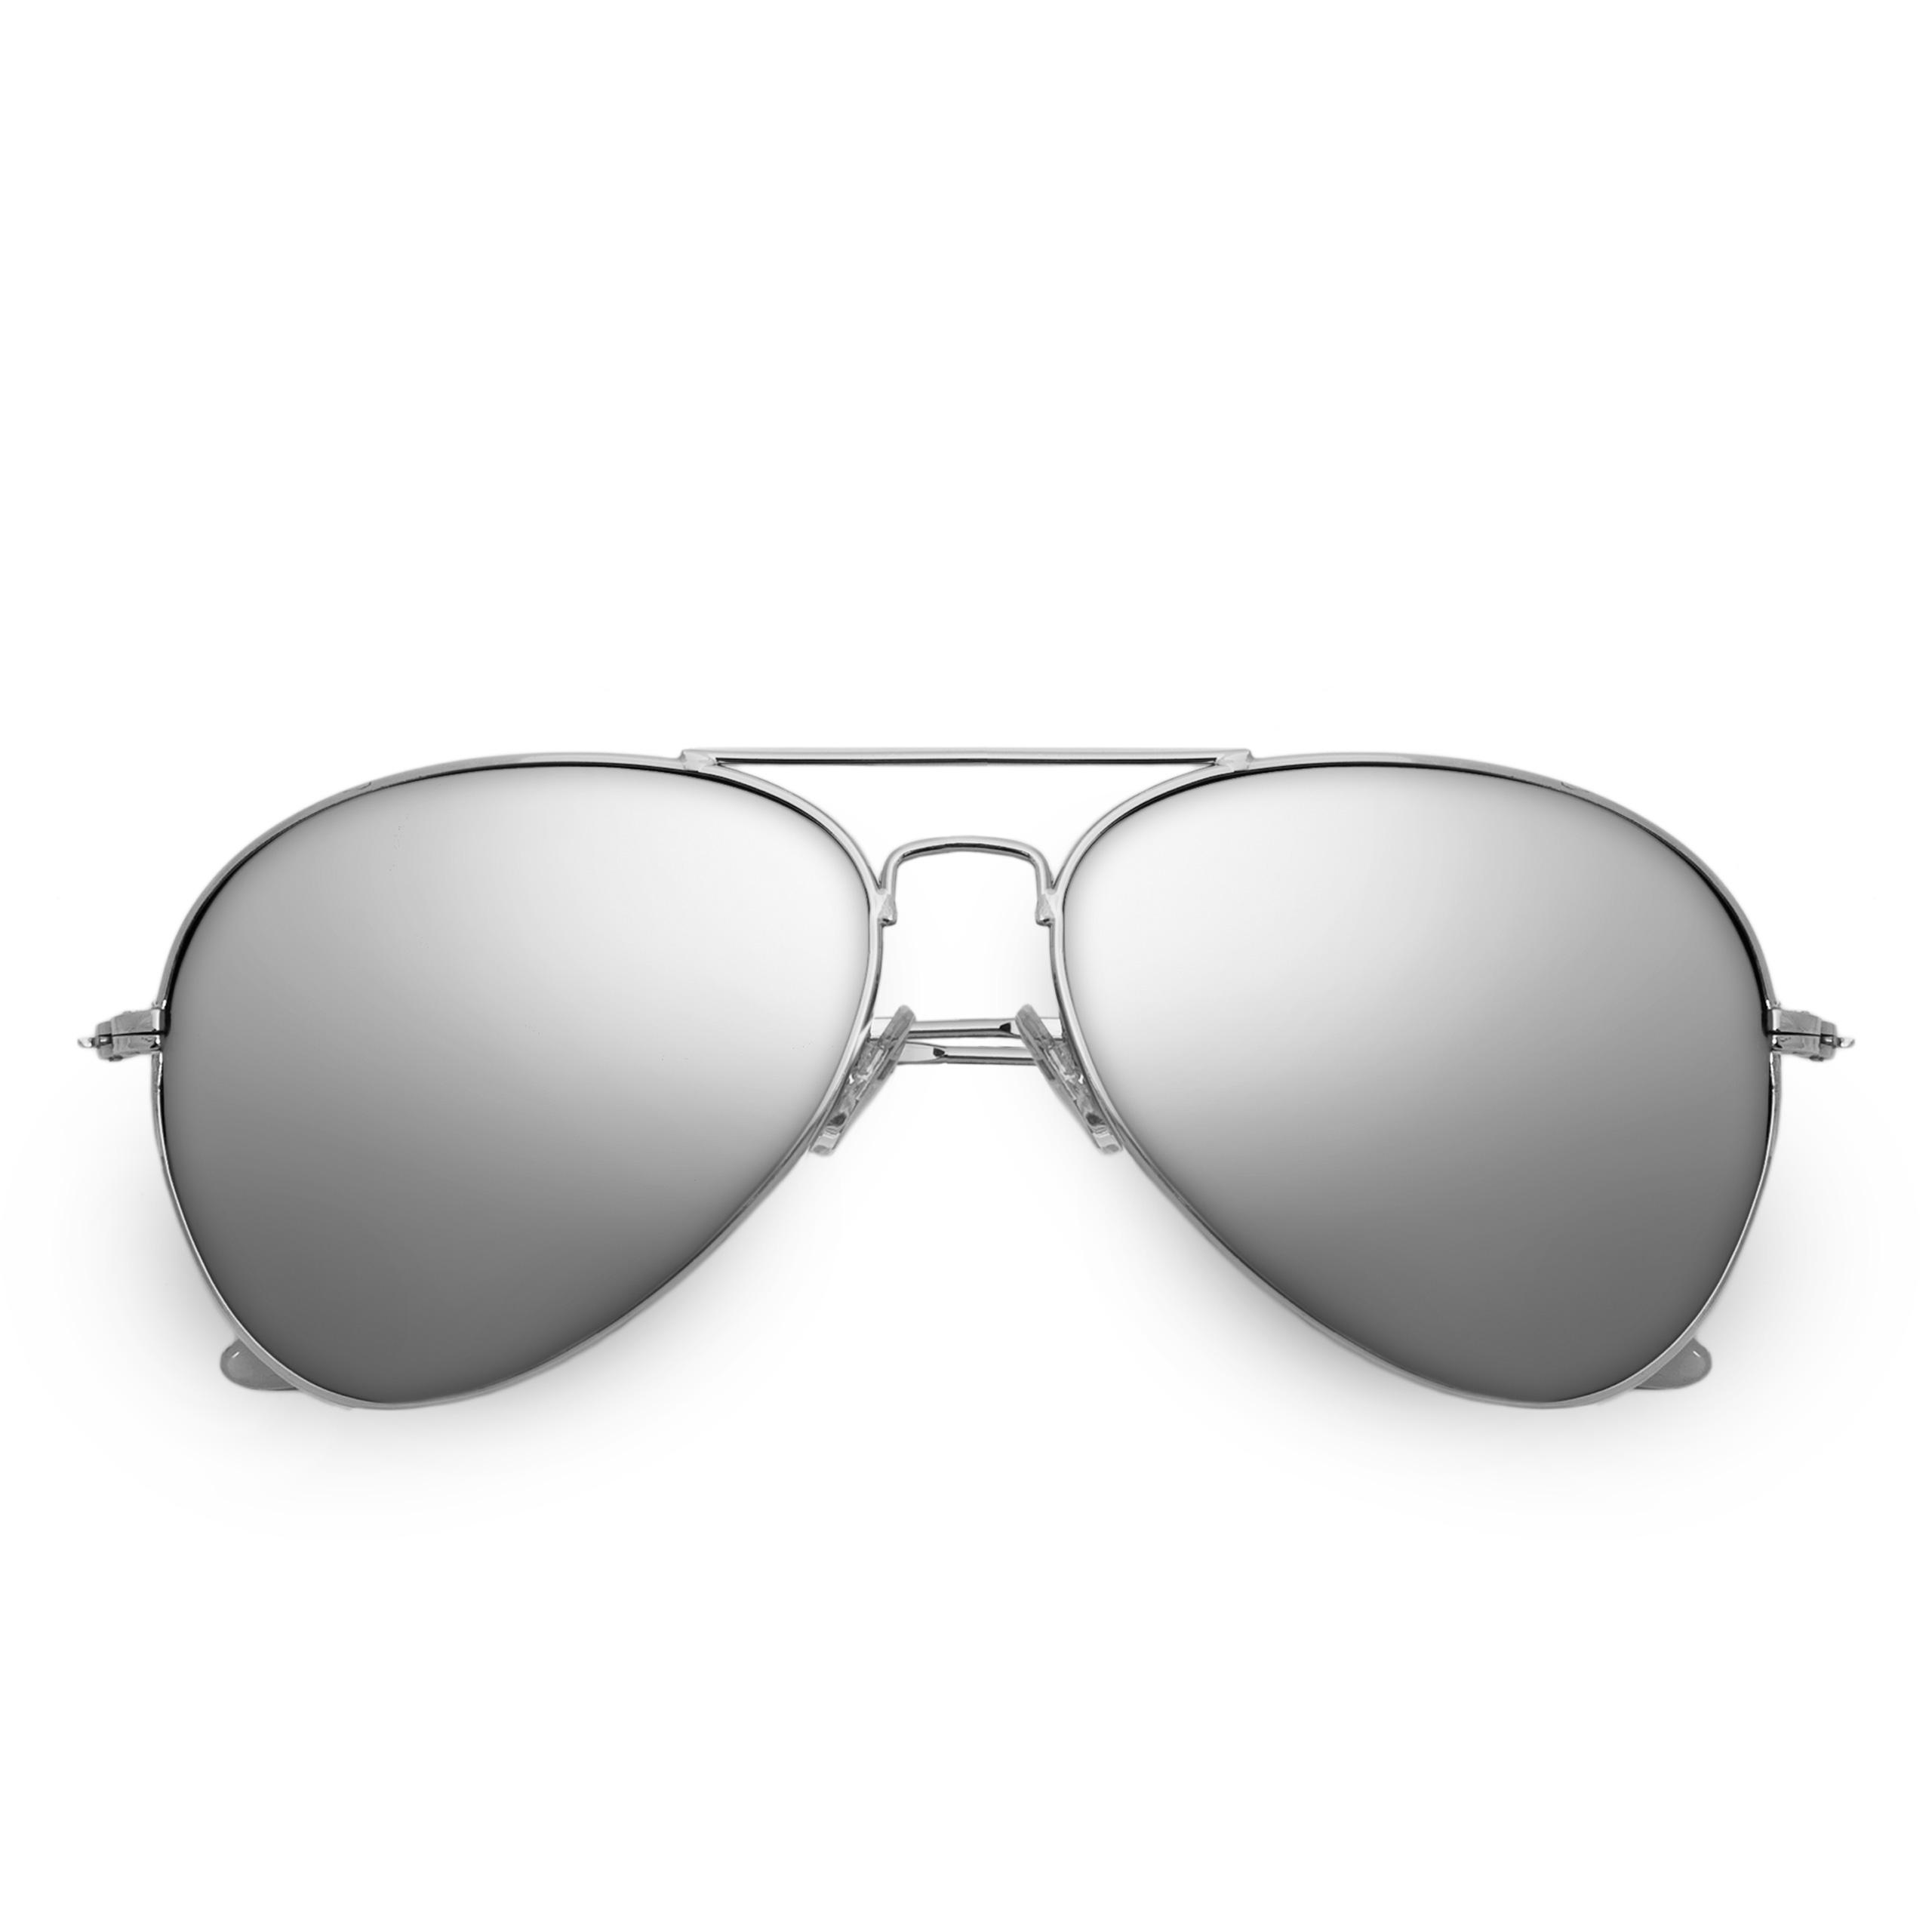 Herren Damen Sonnenbrille Pilotenbrille Fliegerbrille Gunmetal Grau verspiegelt